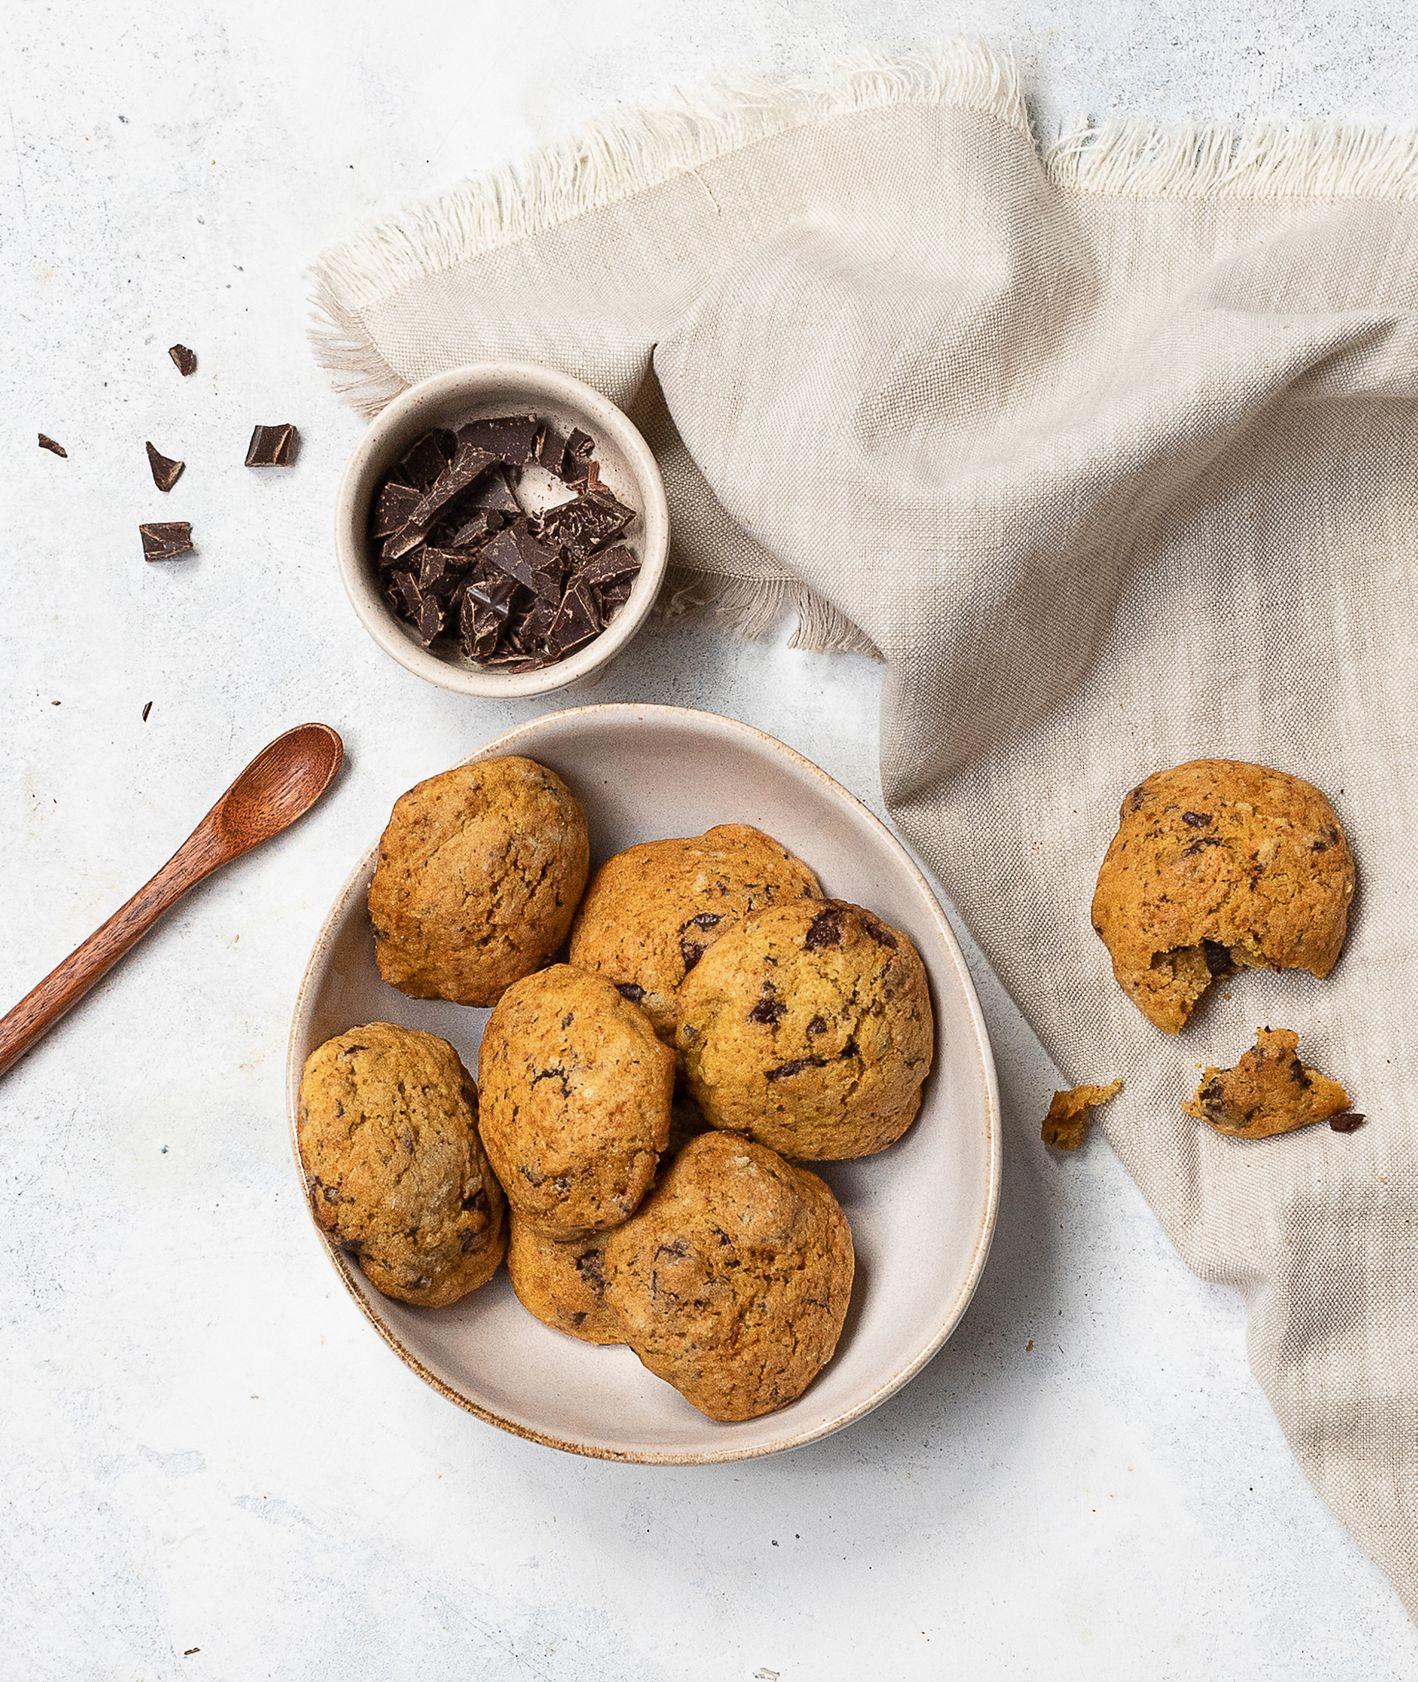 Jak zrobić ciastka dyniowe z czekoladą. Przepis na dyniowe ciasteczka z czekoladą (fot. Paulina Czyżewska)